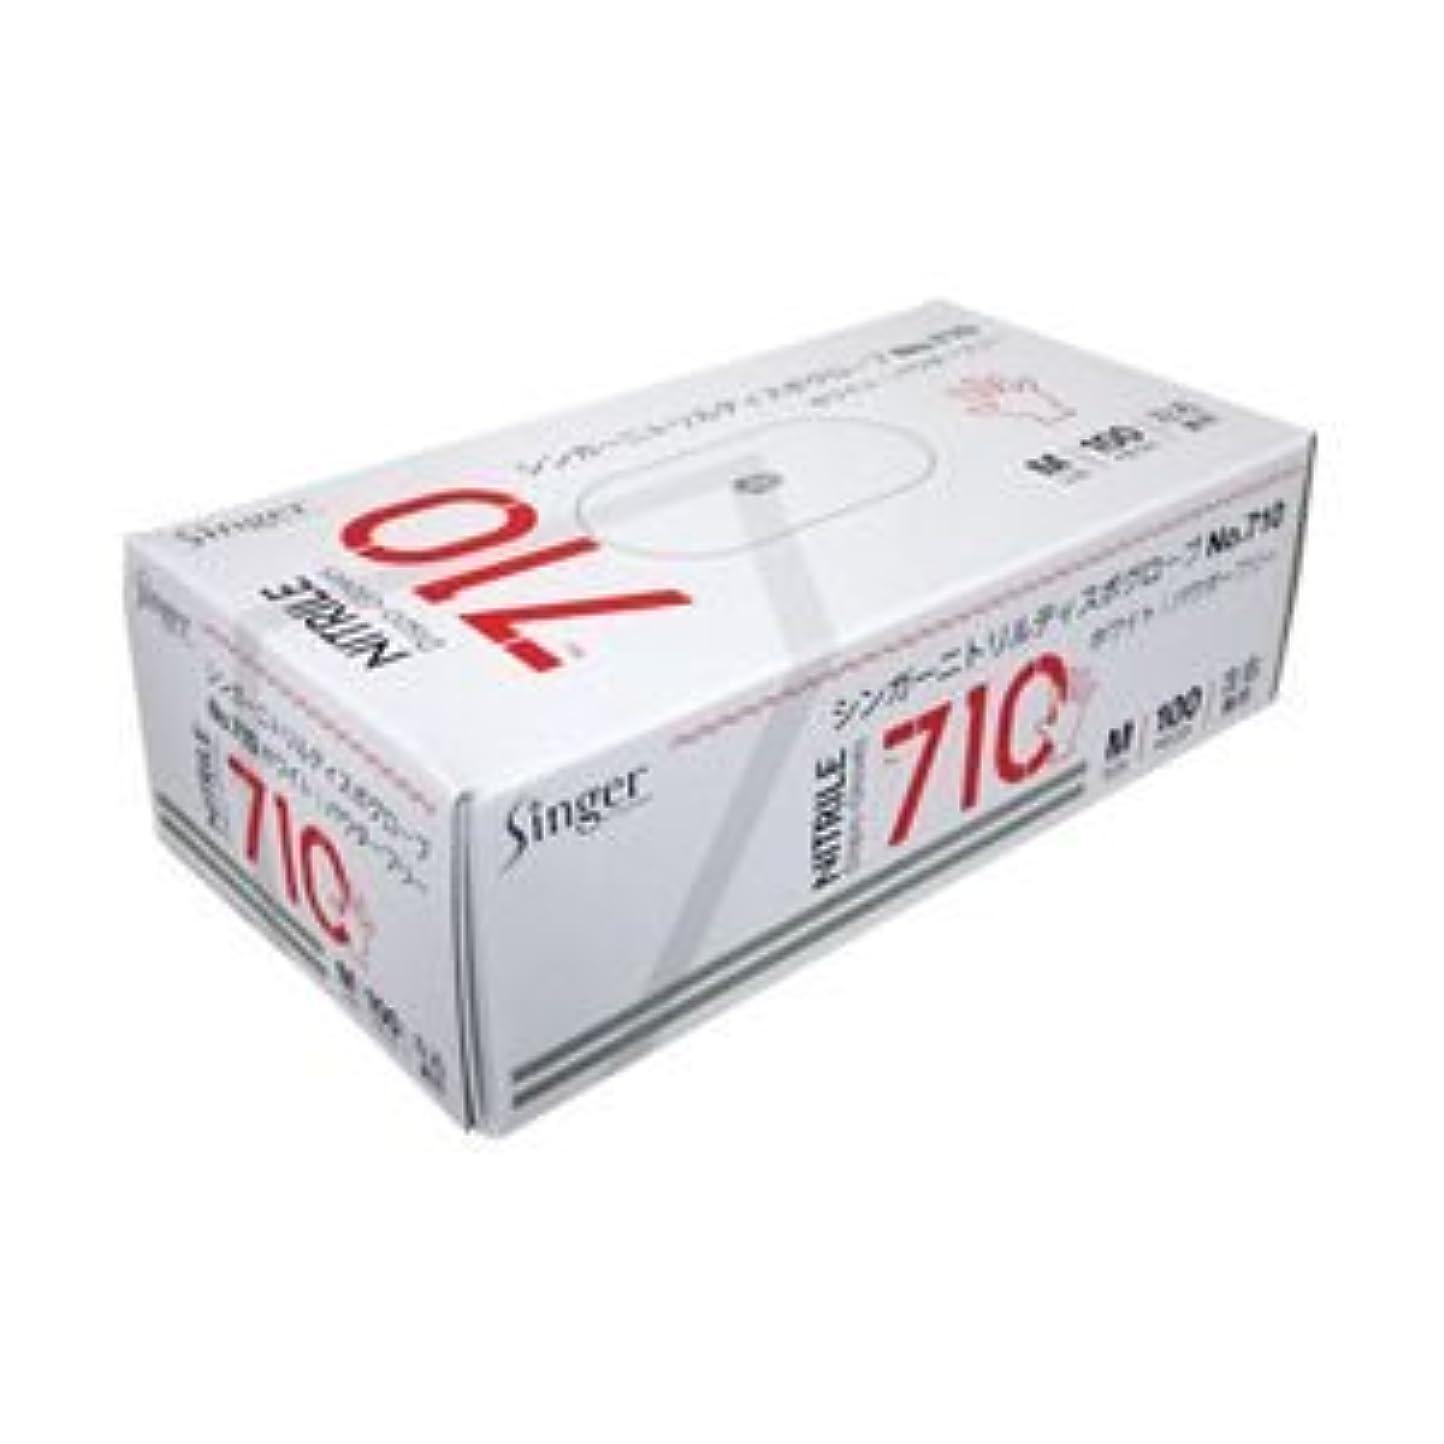 汚染店主五月宇都宮製作 ニトリル手袋710 粉なし M 1箱(100枚) ×5セット